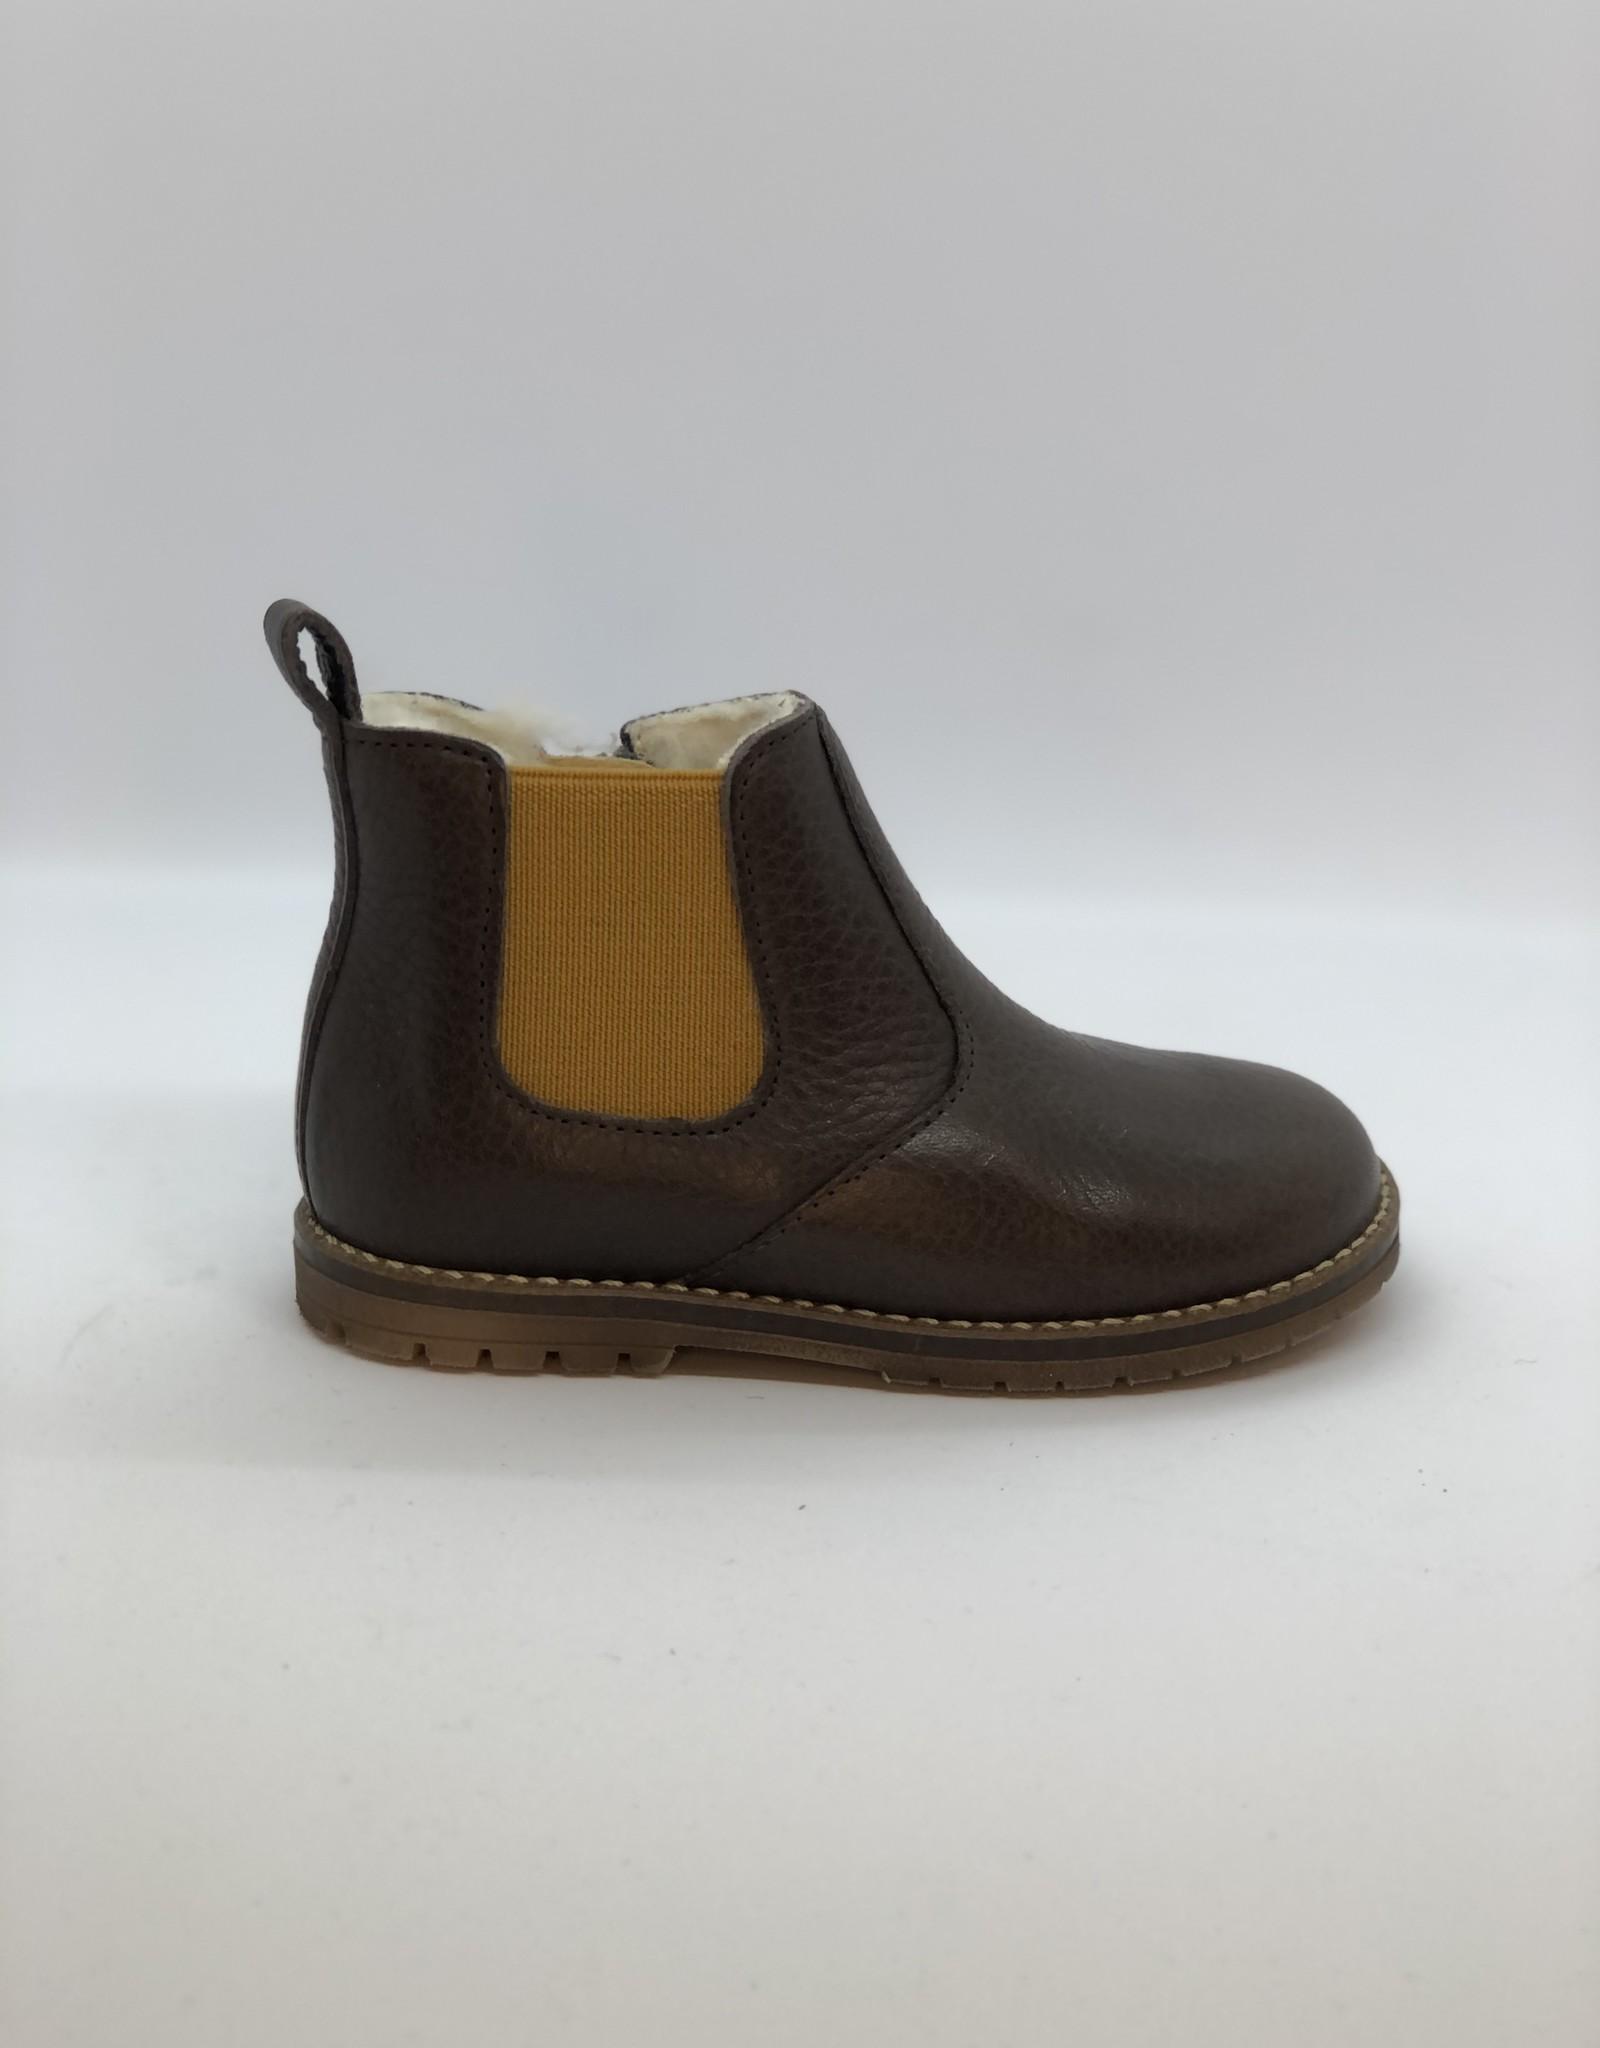 Clotaire Boreas zip boots marron/ocre